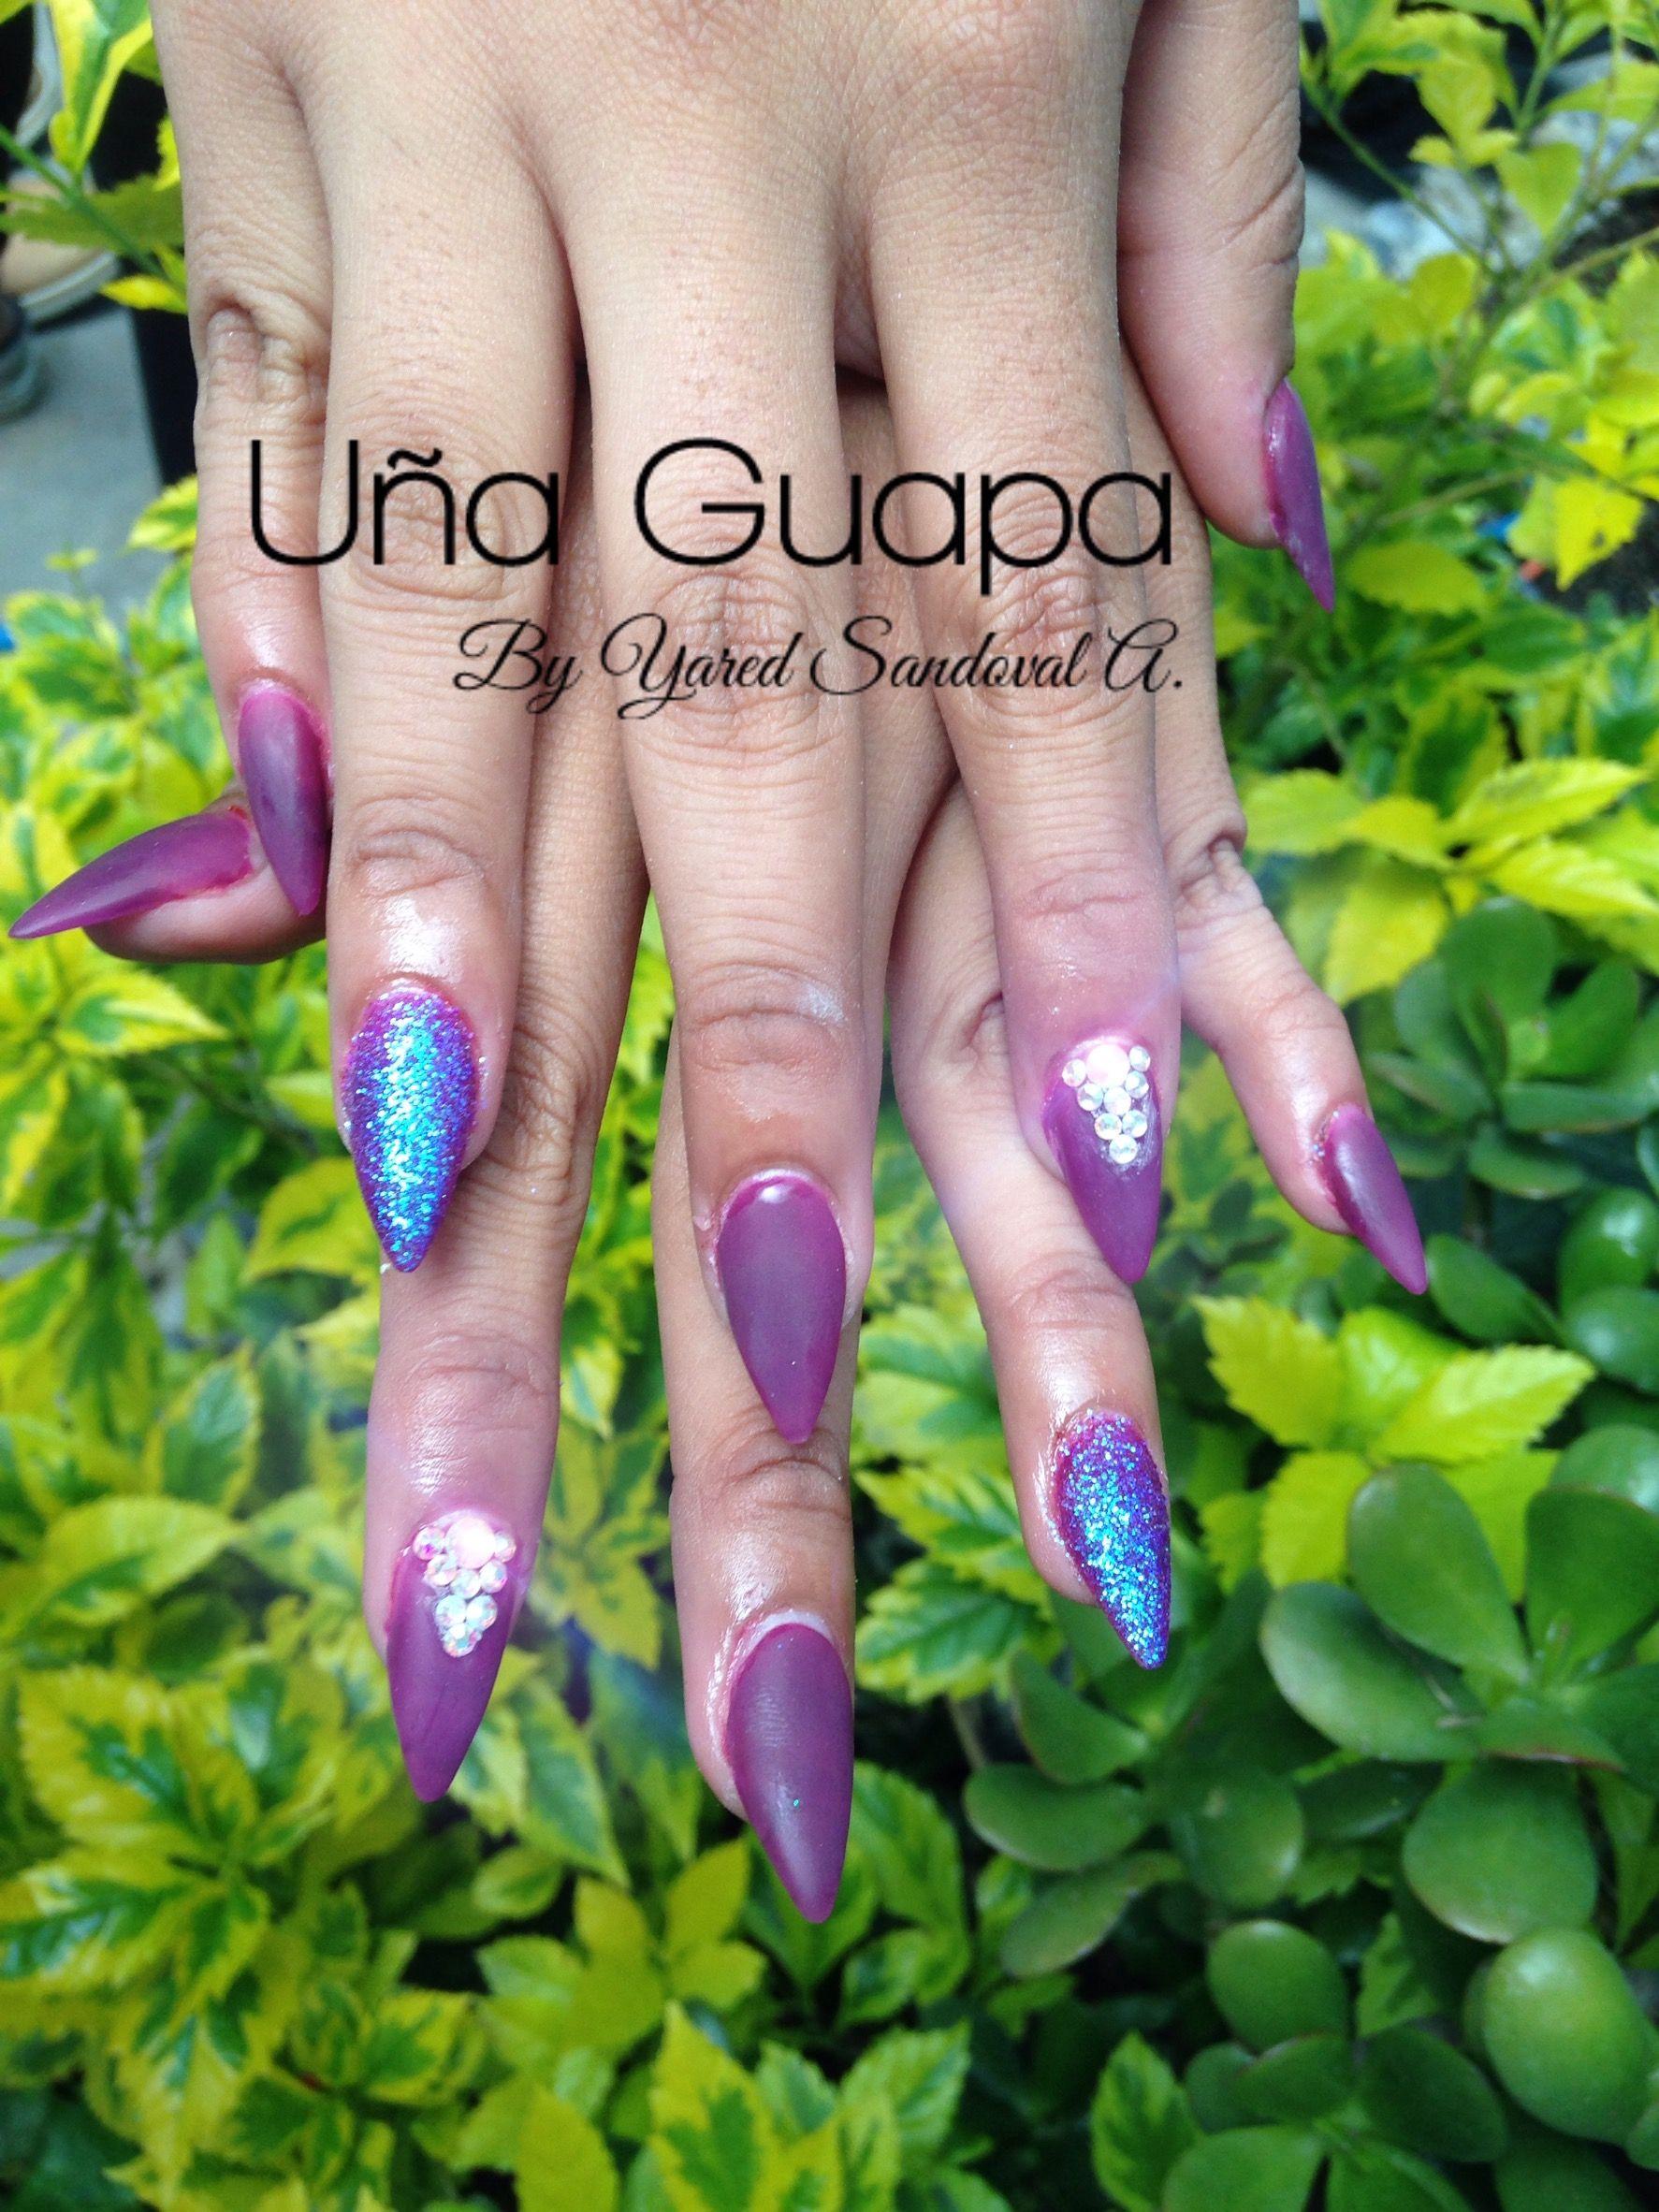 Uñas esculturales stiletto color morado con efecto azúcar 5535936042 ...